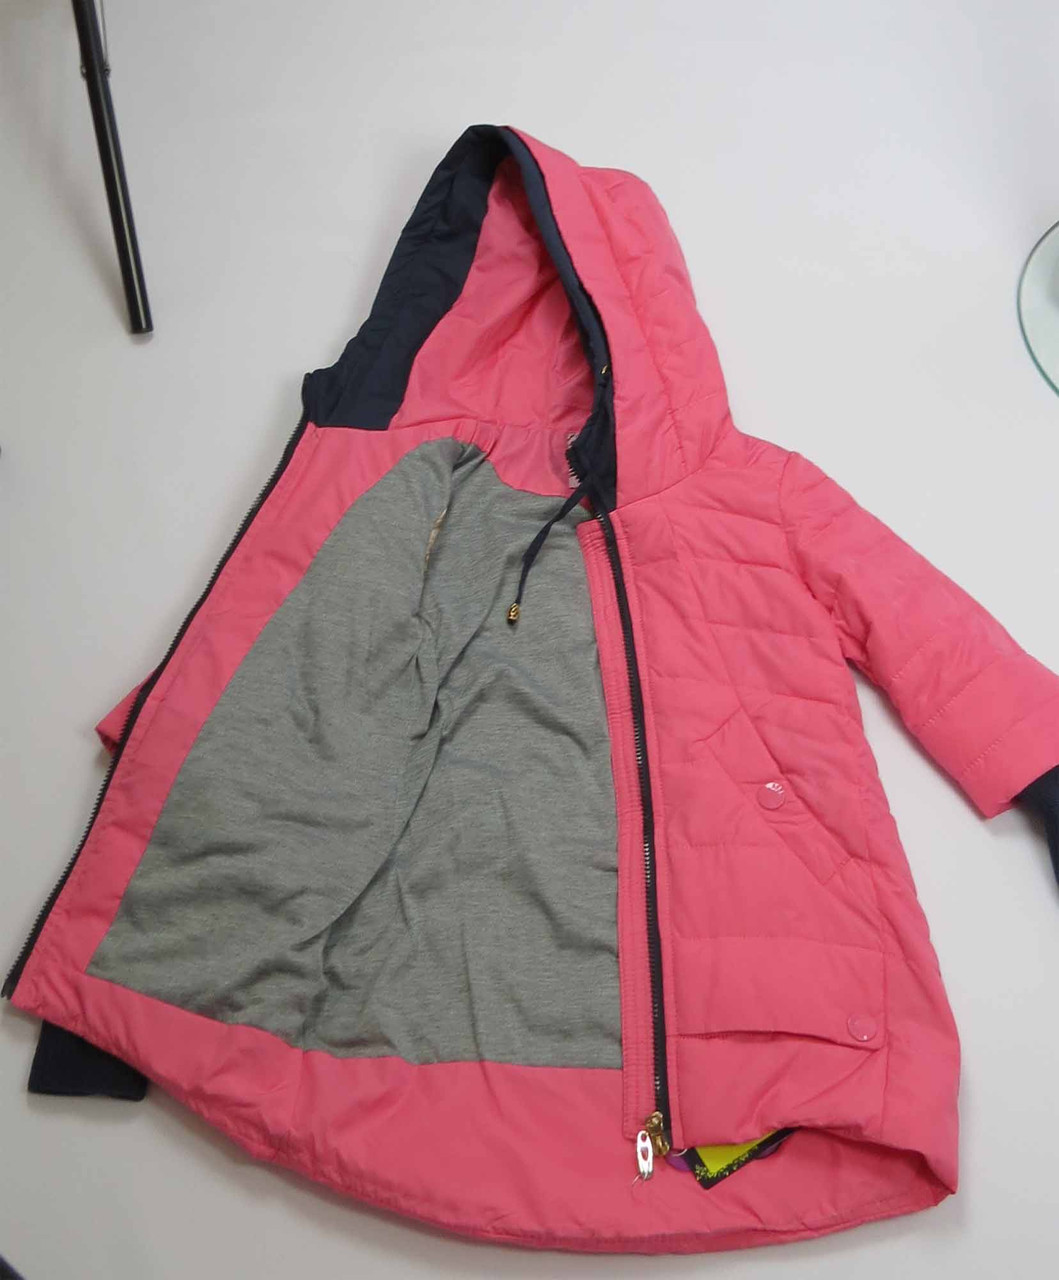 Куртка весна-осень, код 8624, размеры 140-164 (10 лет и старше) , цвет роз, фото 3